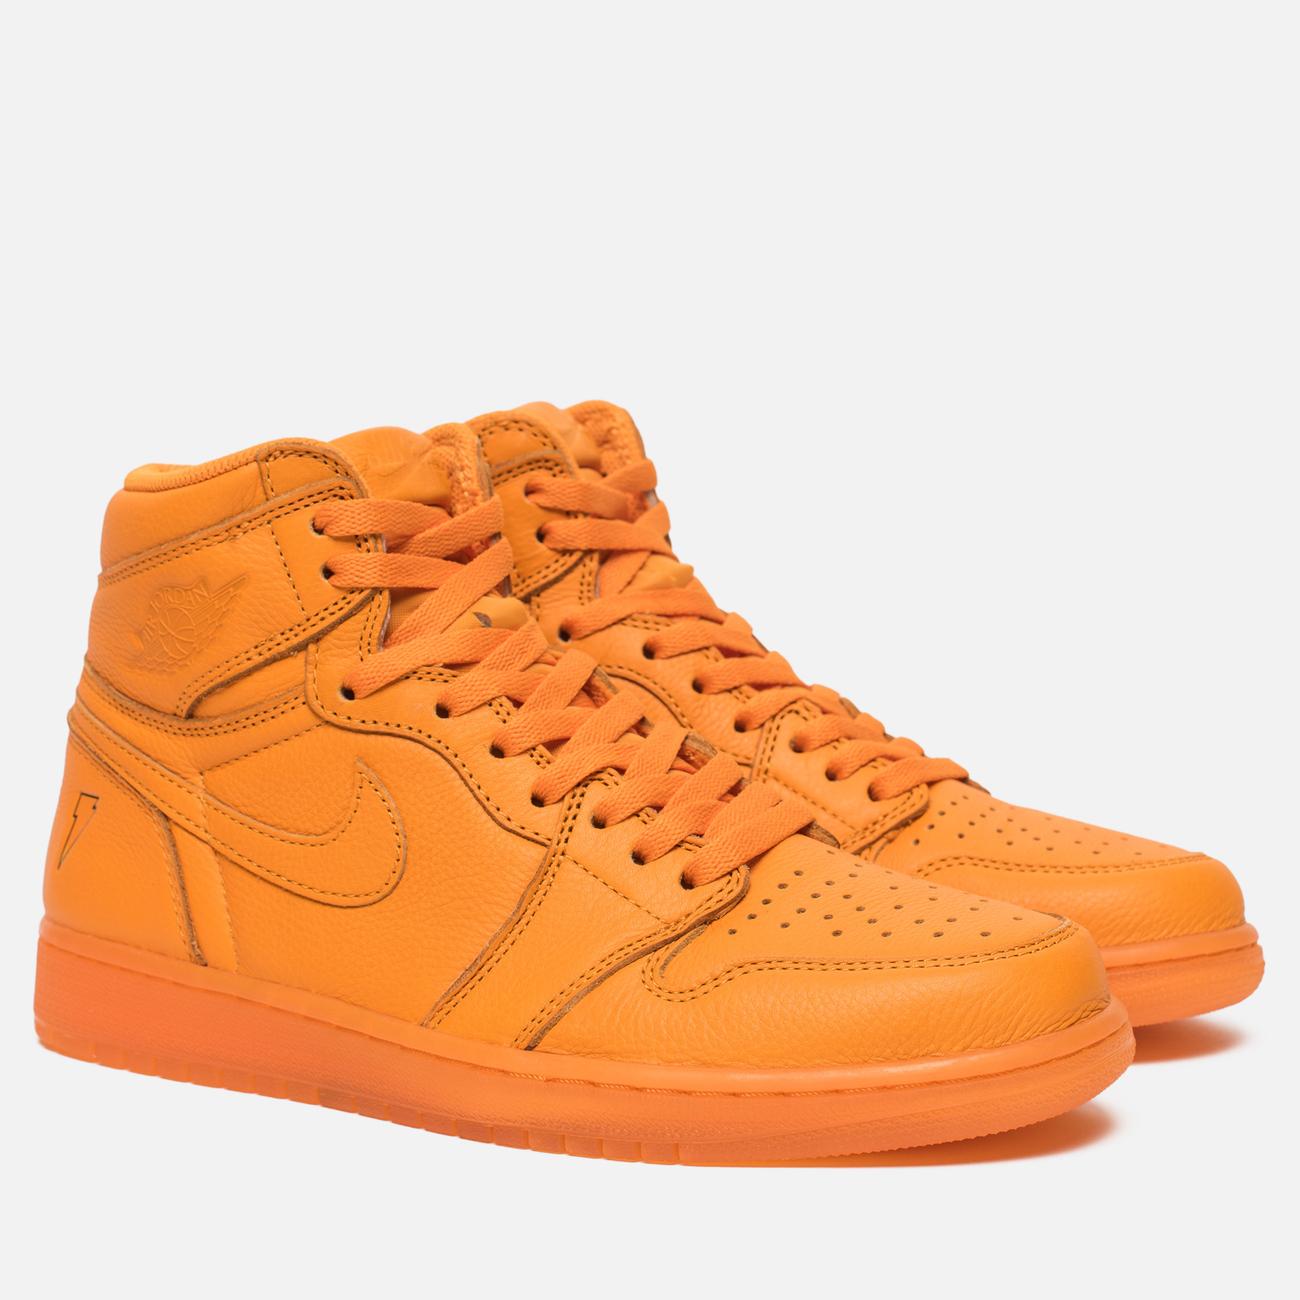 Мужские кроссовки Jordan Air Jordan 1 Retro High OG Gatorade Edition Orange Peel/Orange Peel